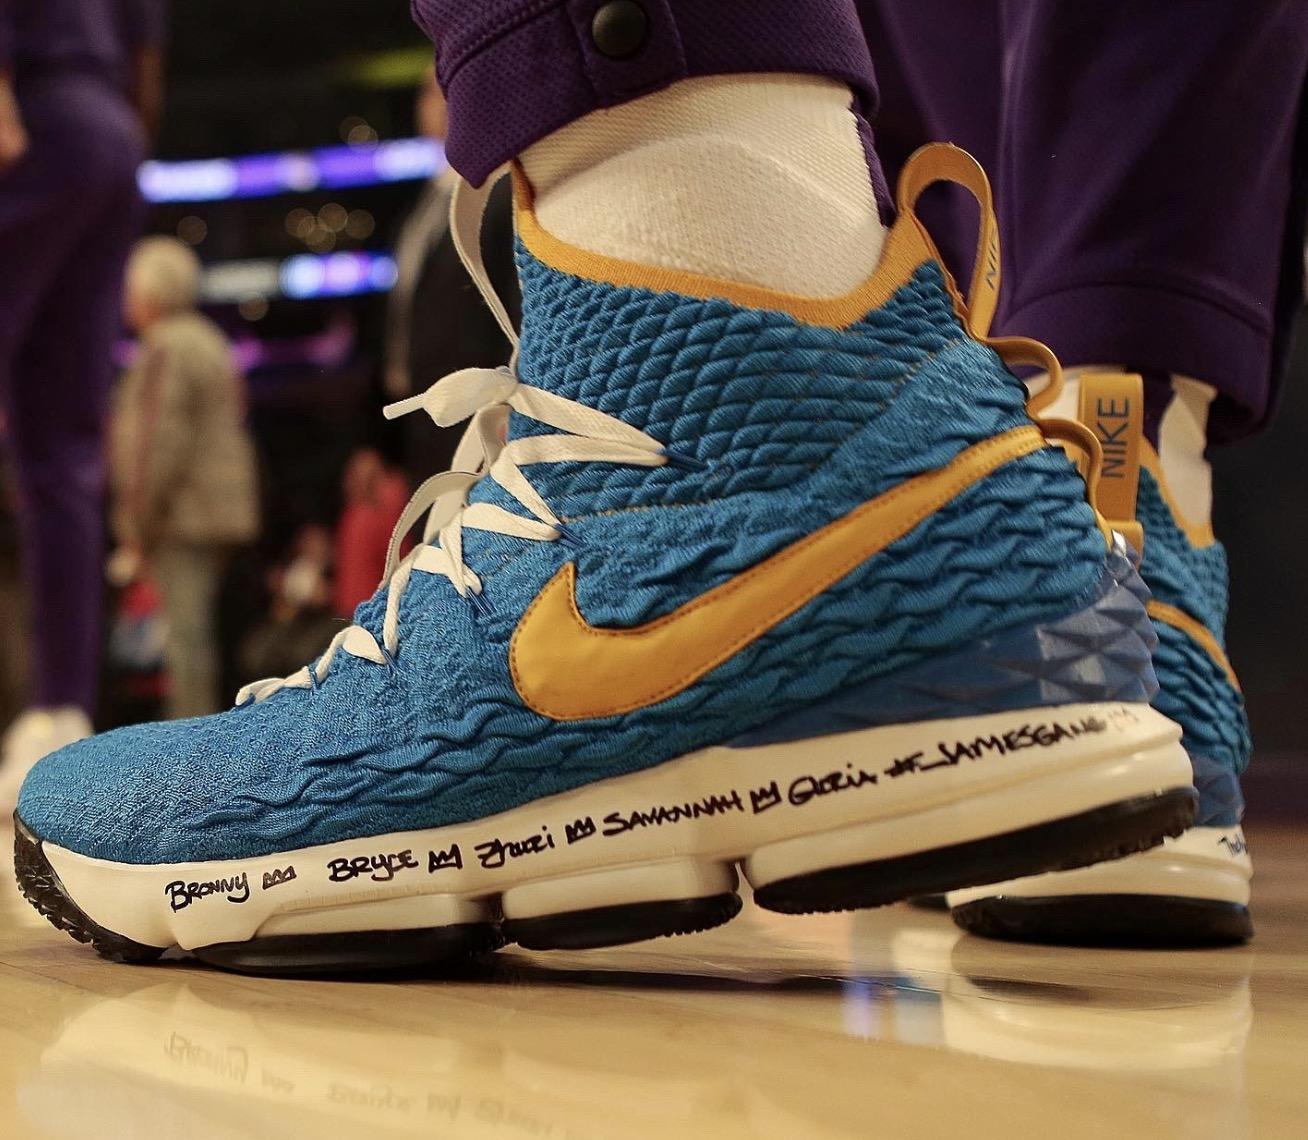 今日球鞋:詹姆斯上脚Nike新款环保系列Space Hippie 03